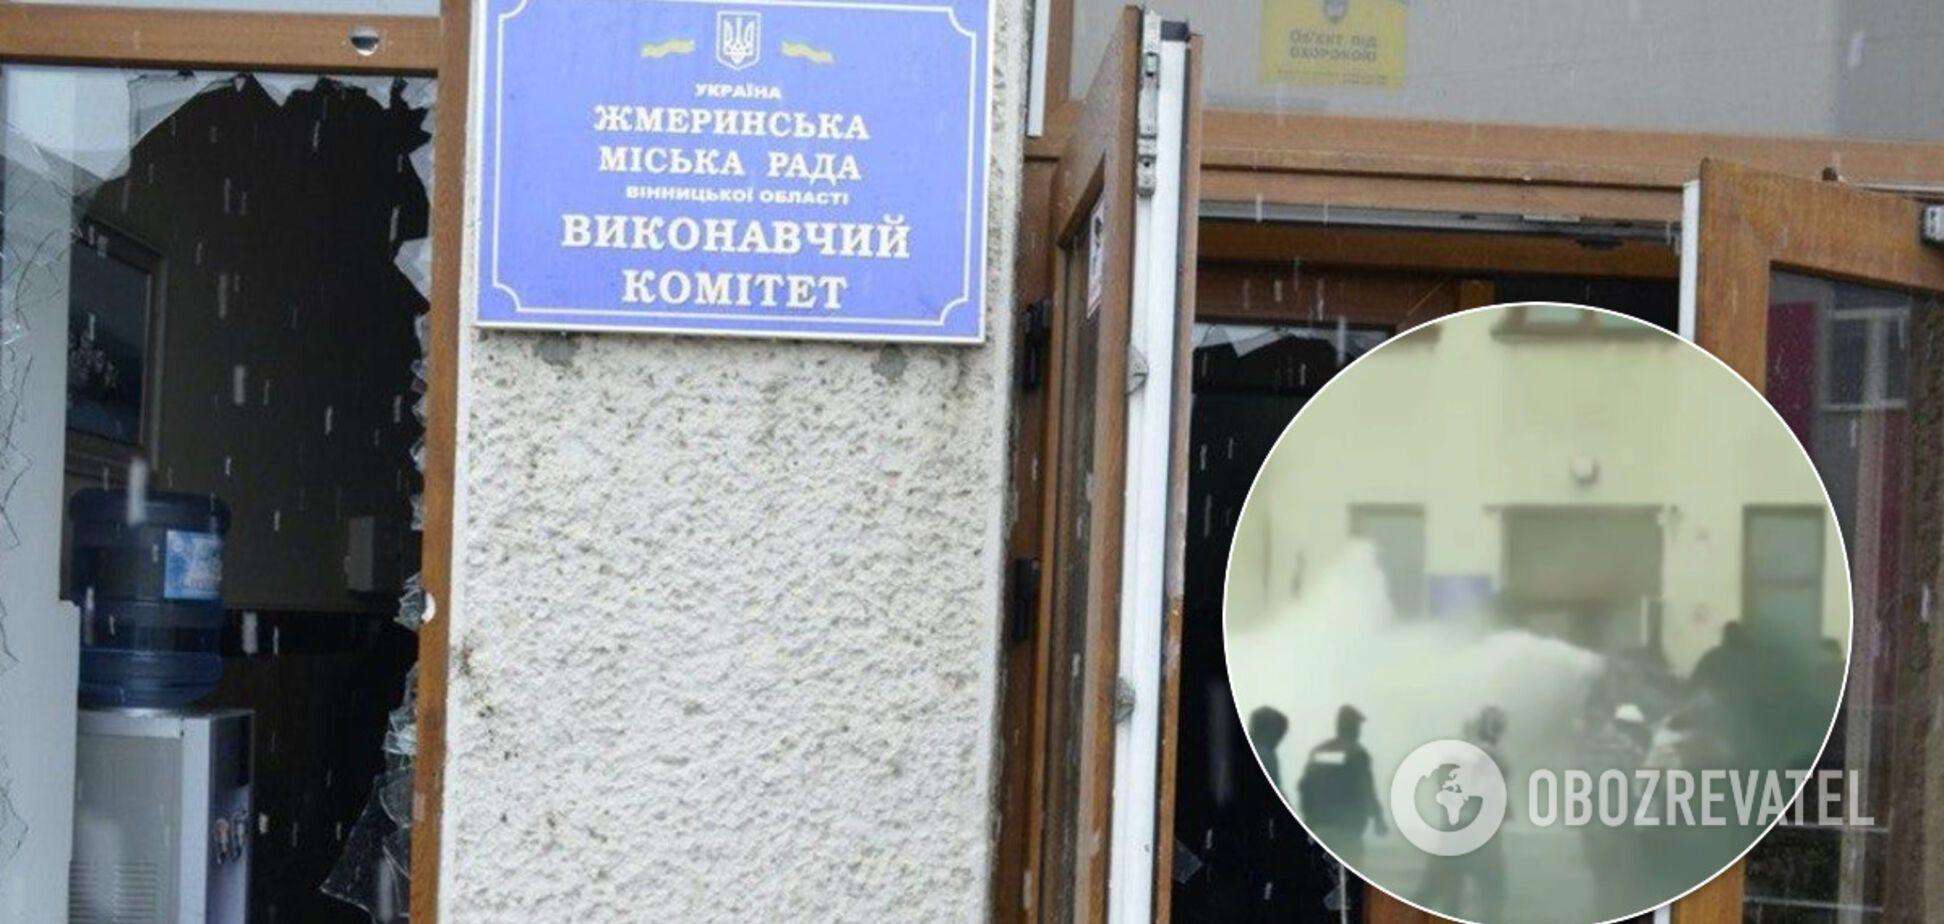 В Жмеринке у мэрии устроили жесткую массовую драку: задержаны 11 человек. Видео с места ЧП